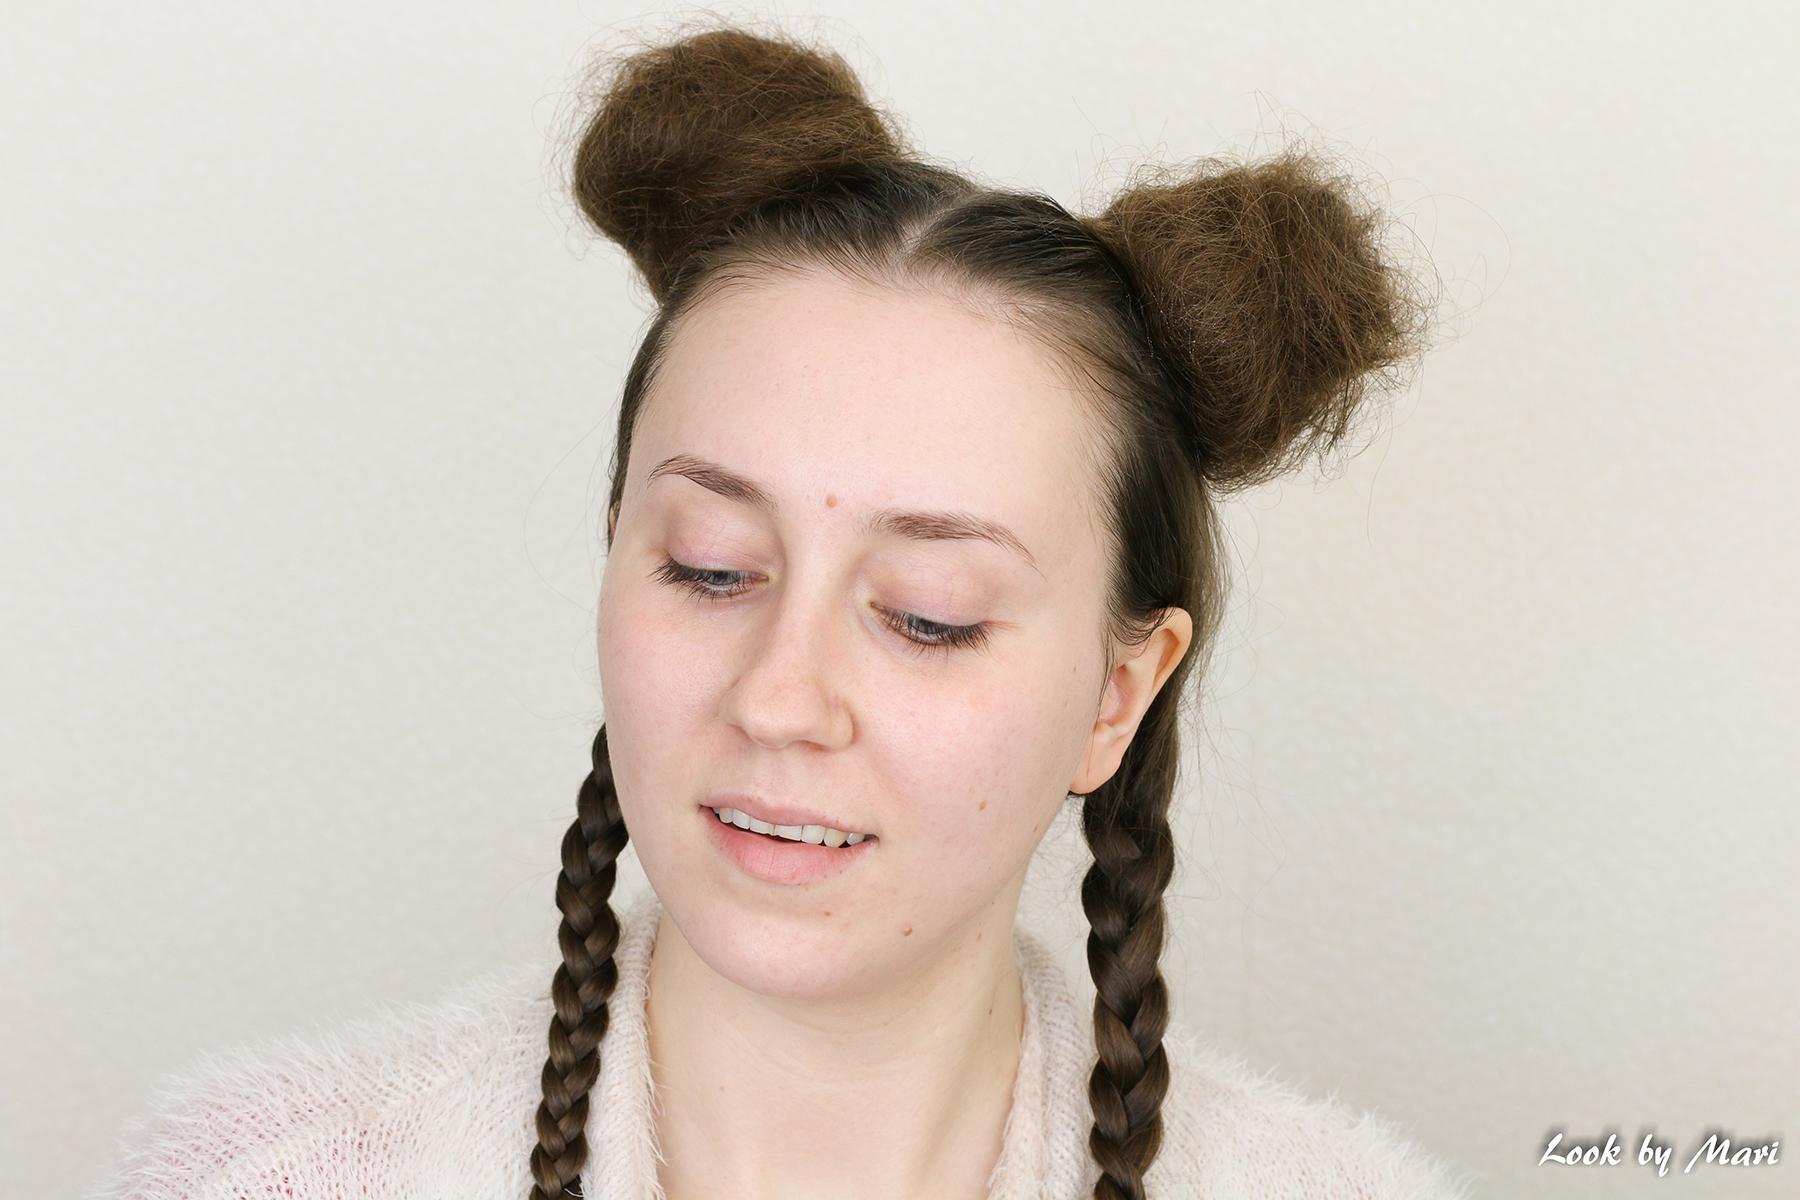 3 nutturakampaus kiharoilla linnunpesä kampaus hiukset biozell texturizing spray